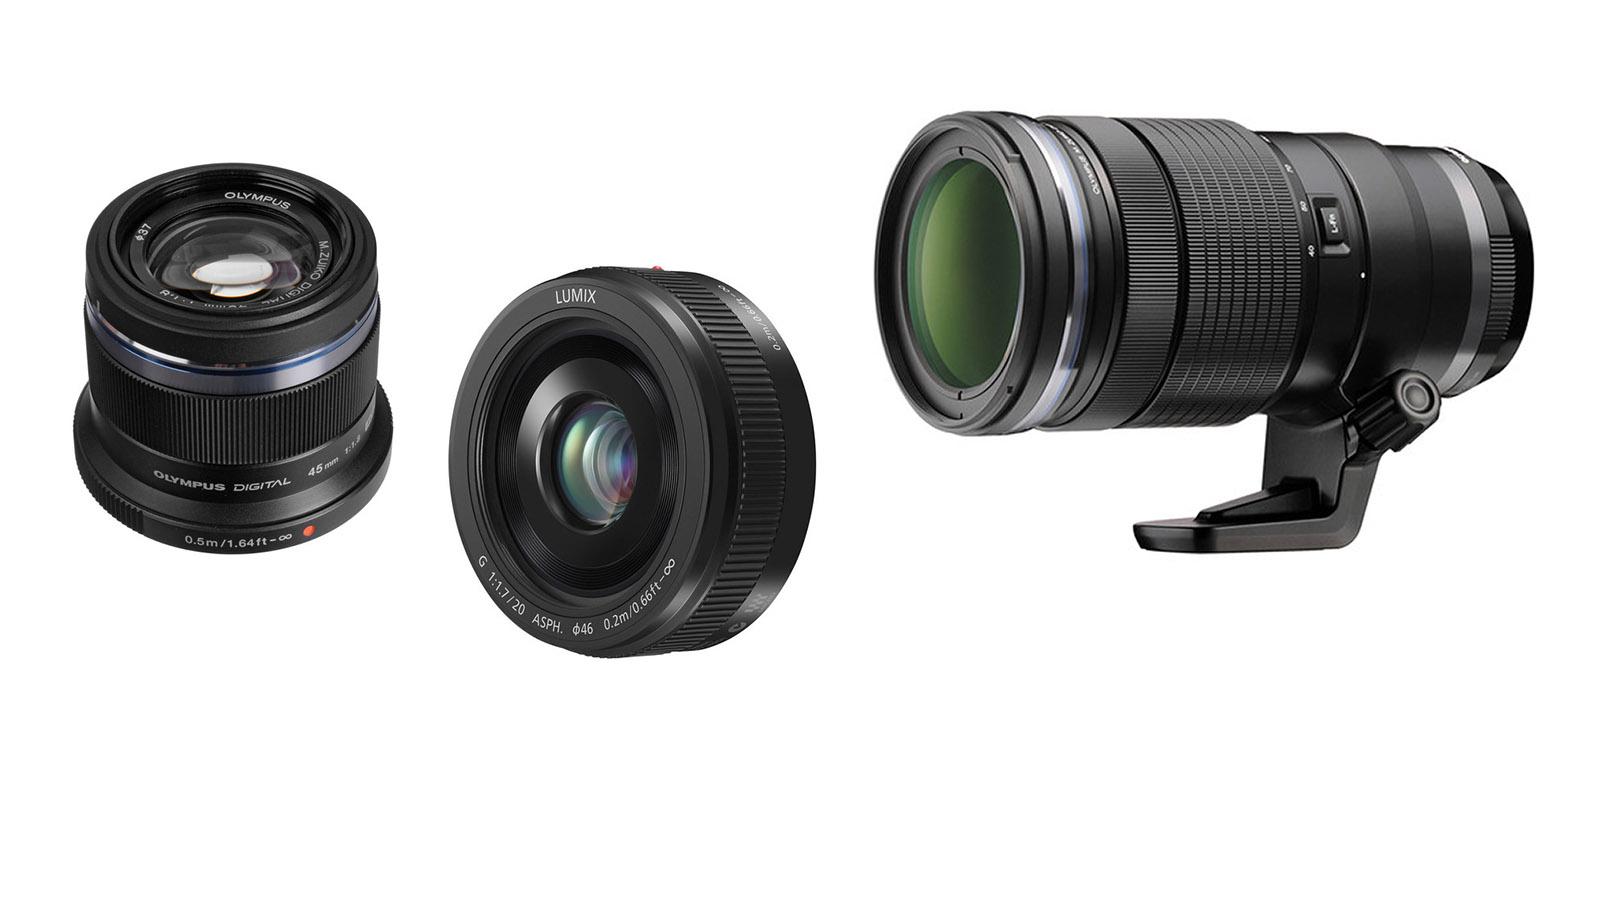 http://thedigitalstory.com/2015/07/28/lens-trio.jpg